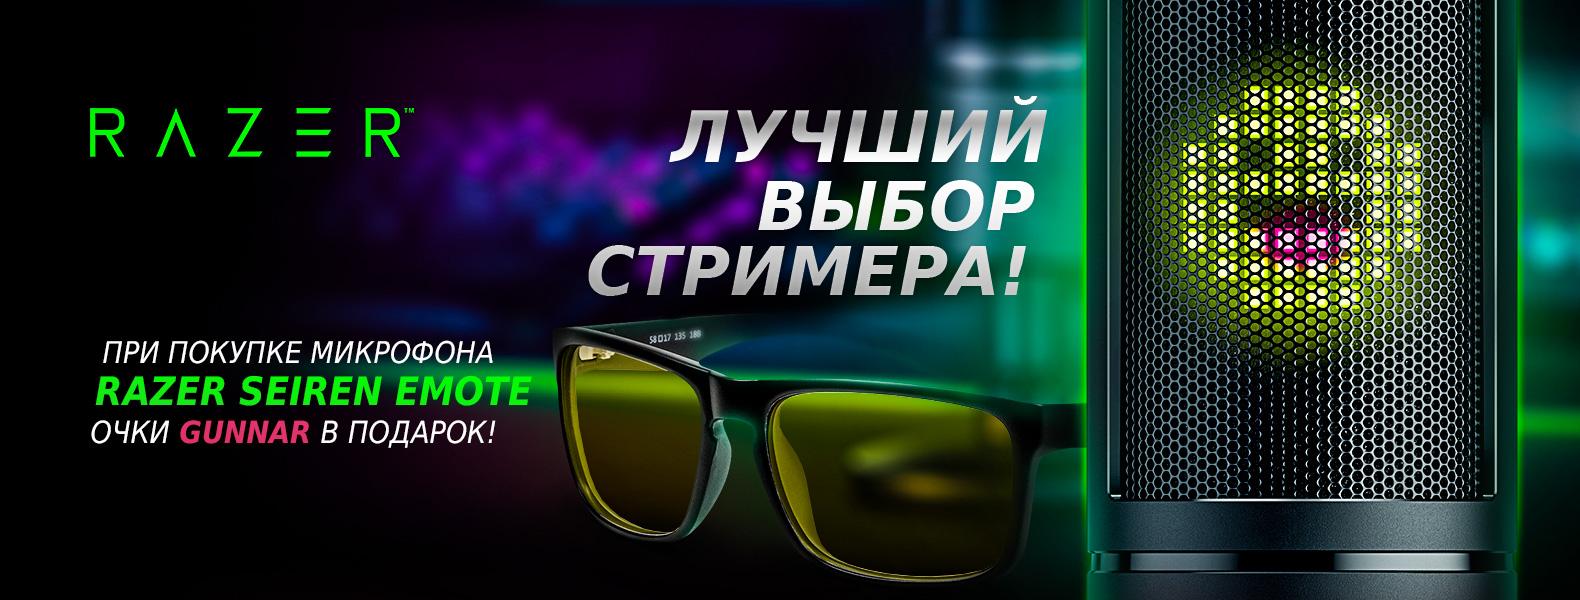 При покупке микрофона Razer Seiren Emote - в подарок компьютерные очки Gunnar Vertex Onyx Clear или Gunnar Cruz Onyx Amber (на выбор)